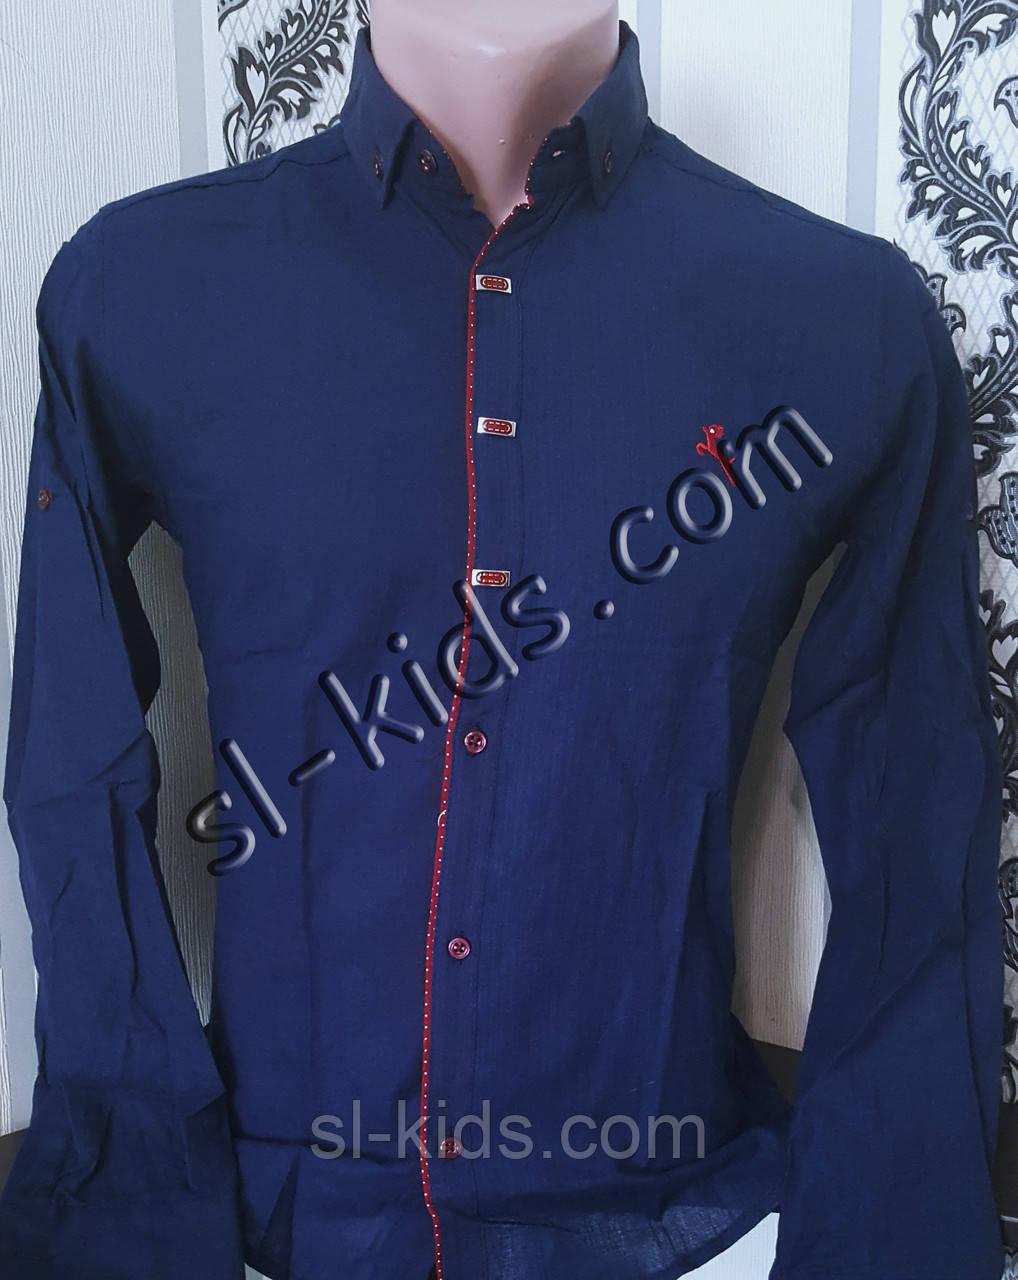 Стильная рубашка для мальчика 11-15 лет(опт) (темно синяя) (пр. Турция)